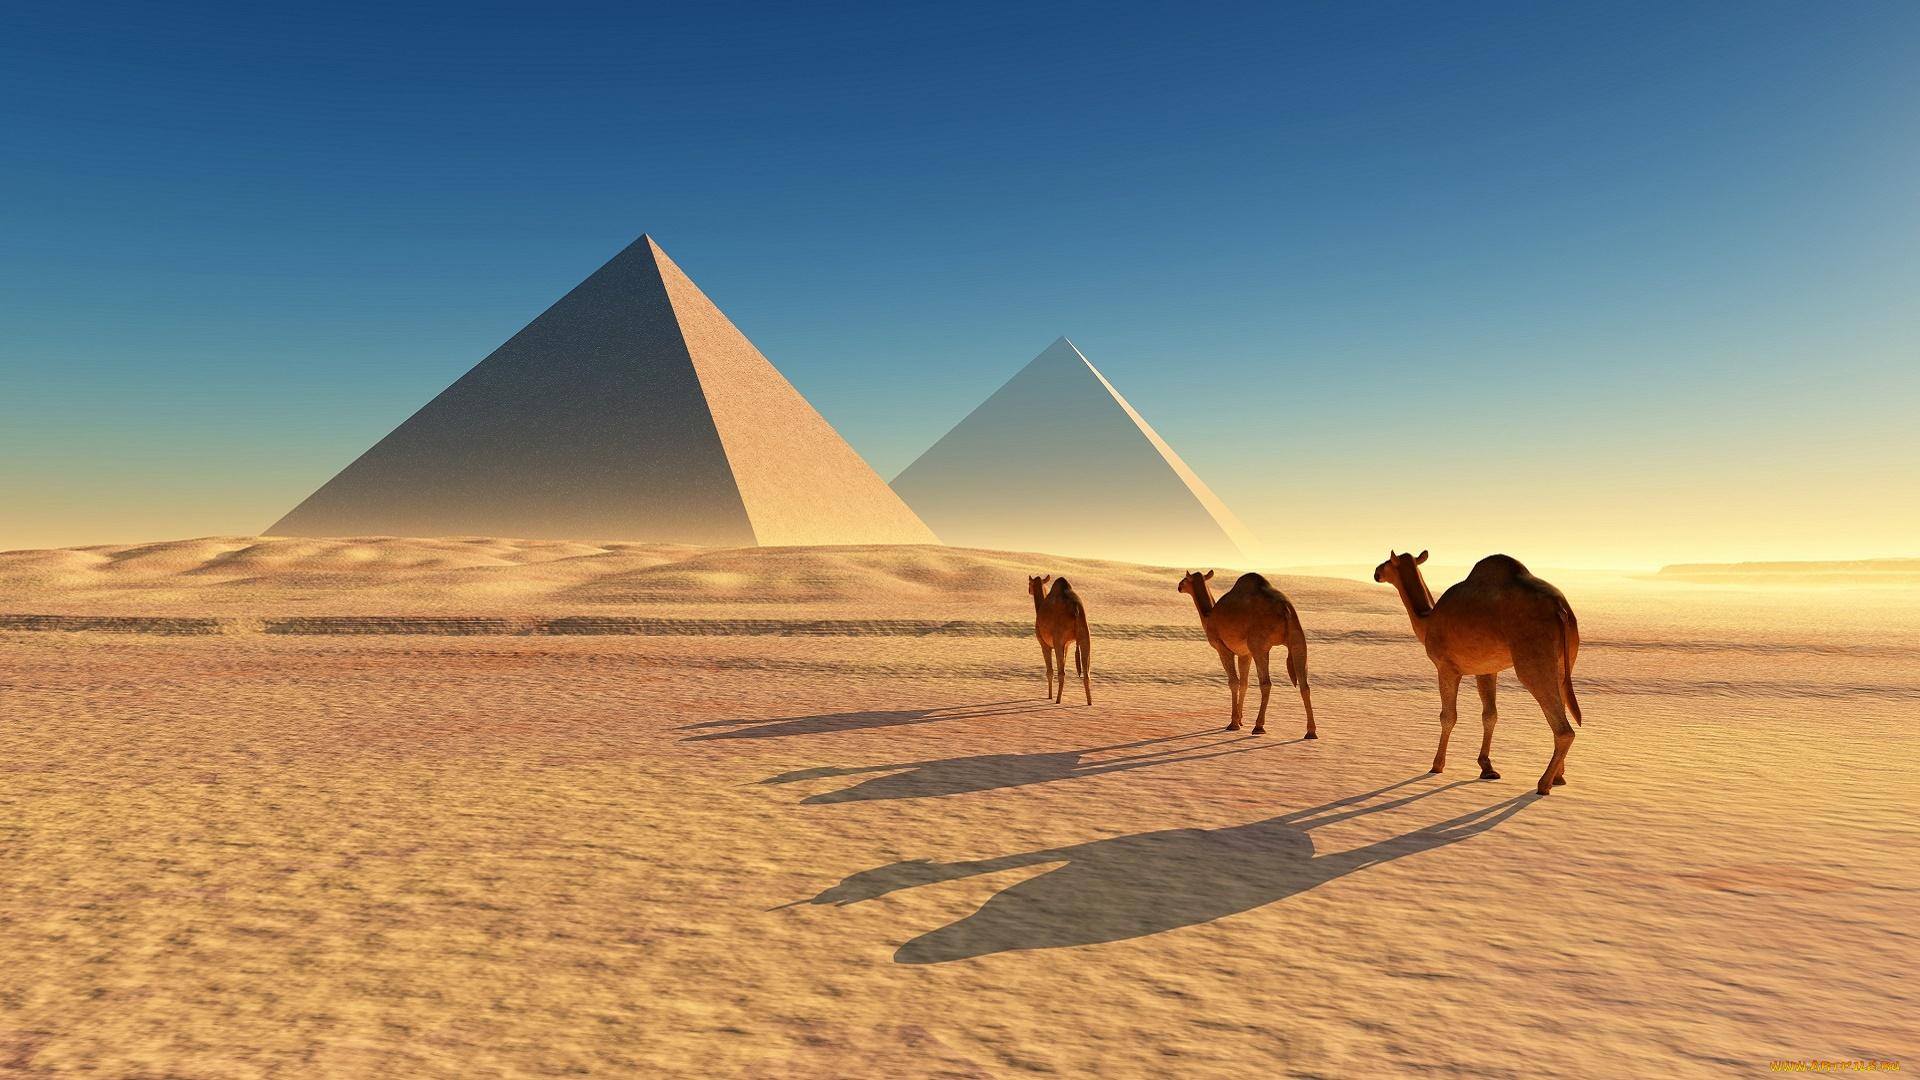 верблюды пустыня закат без регистрации